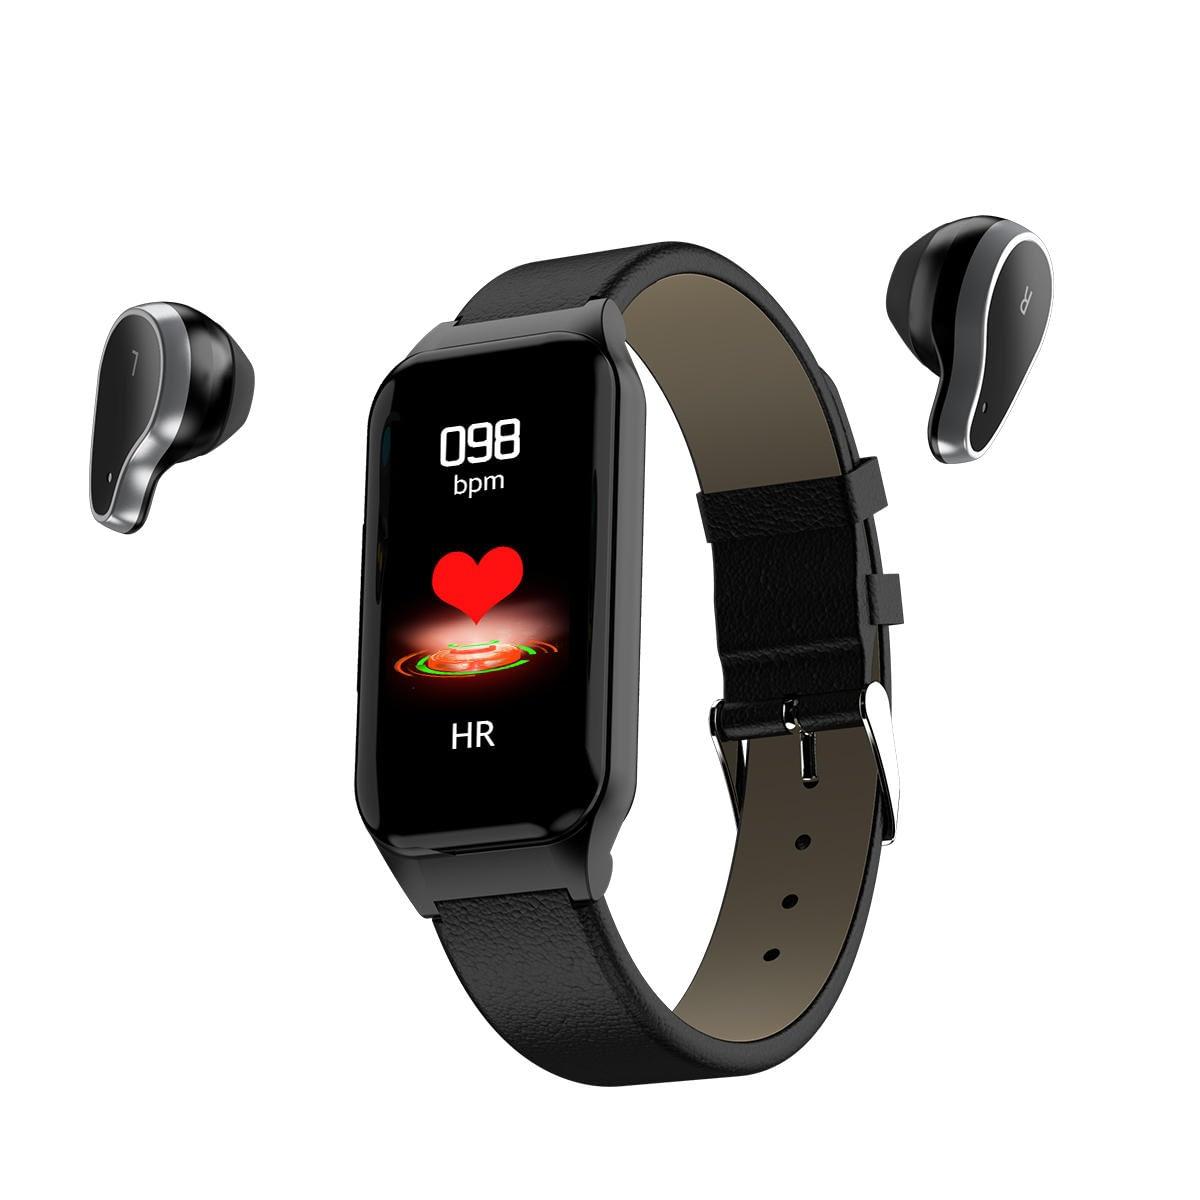 L818 Wireless Earphone Wristband Smart Watch